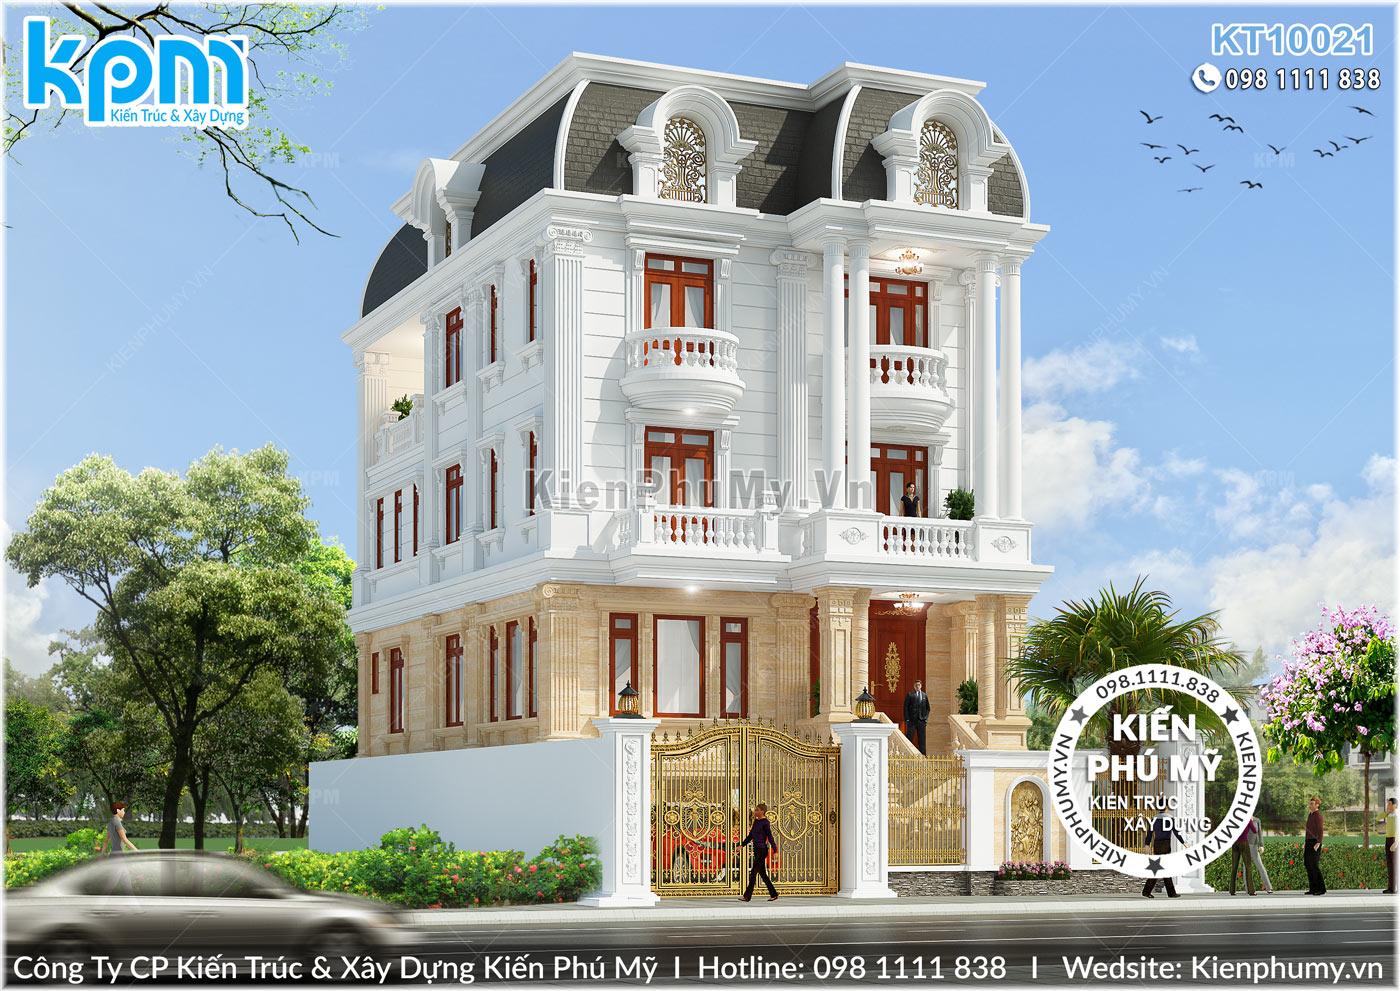 Kiến trúc cổ điển đẹp ấn tượng của căn biệt thự 4 tầng